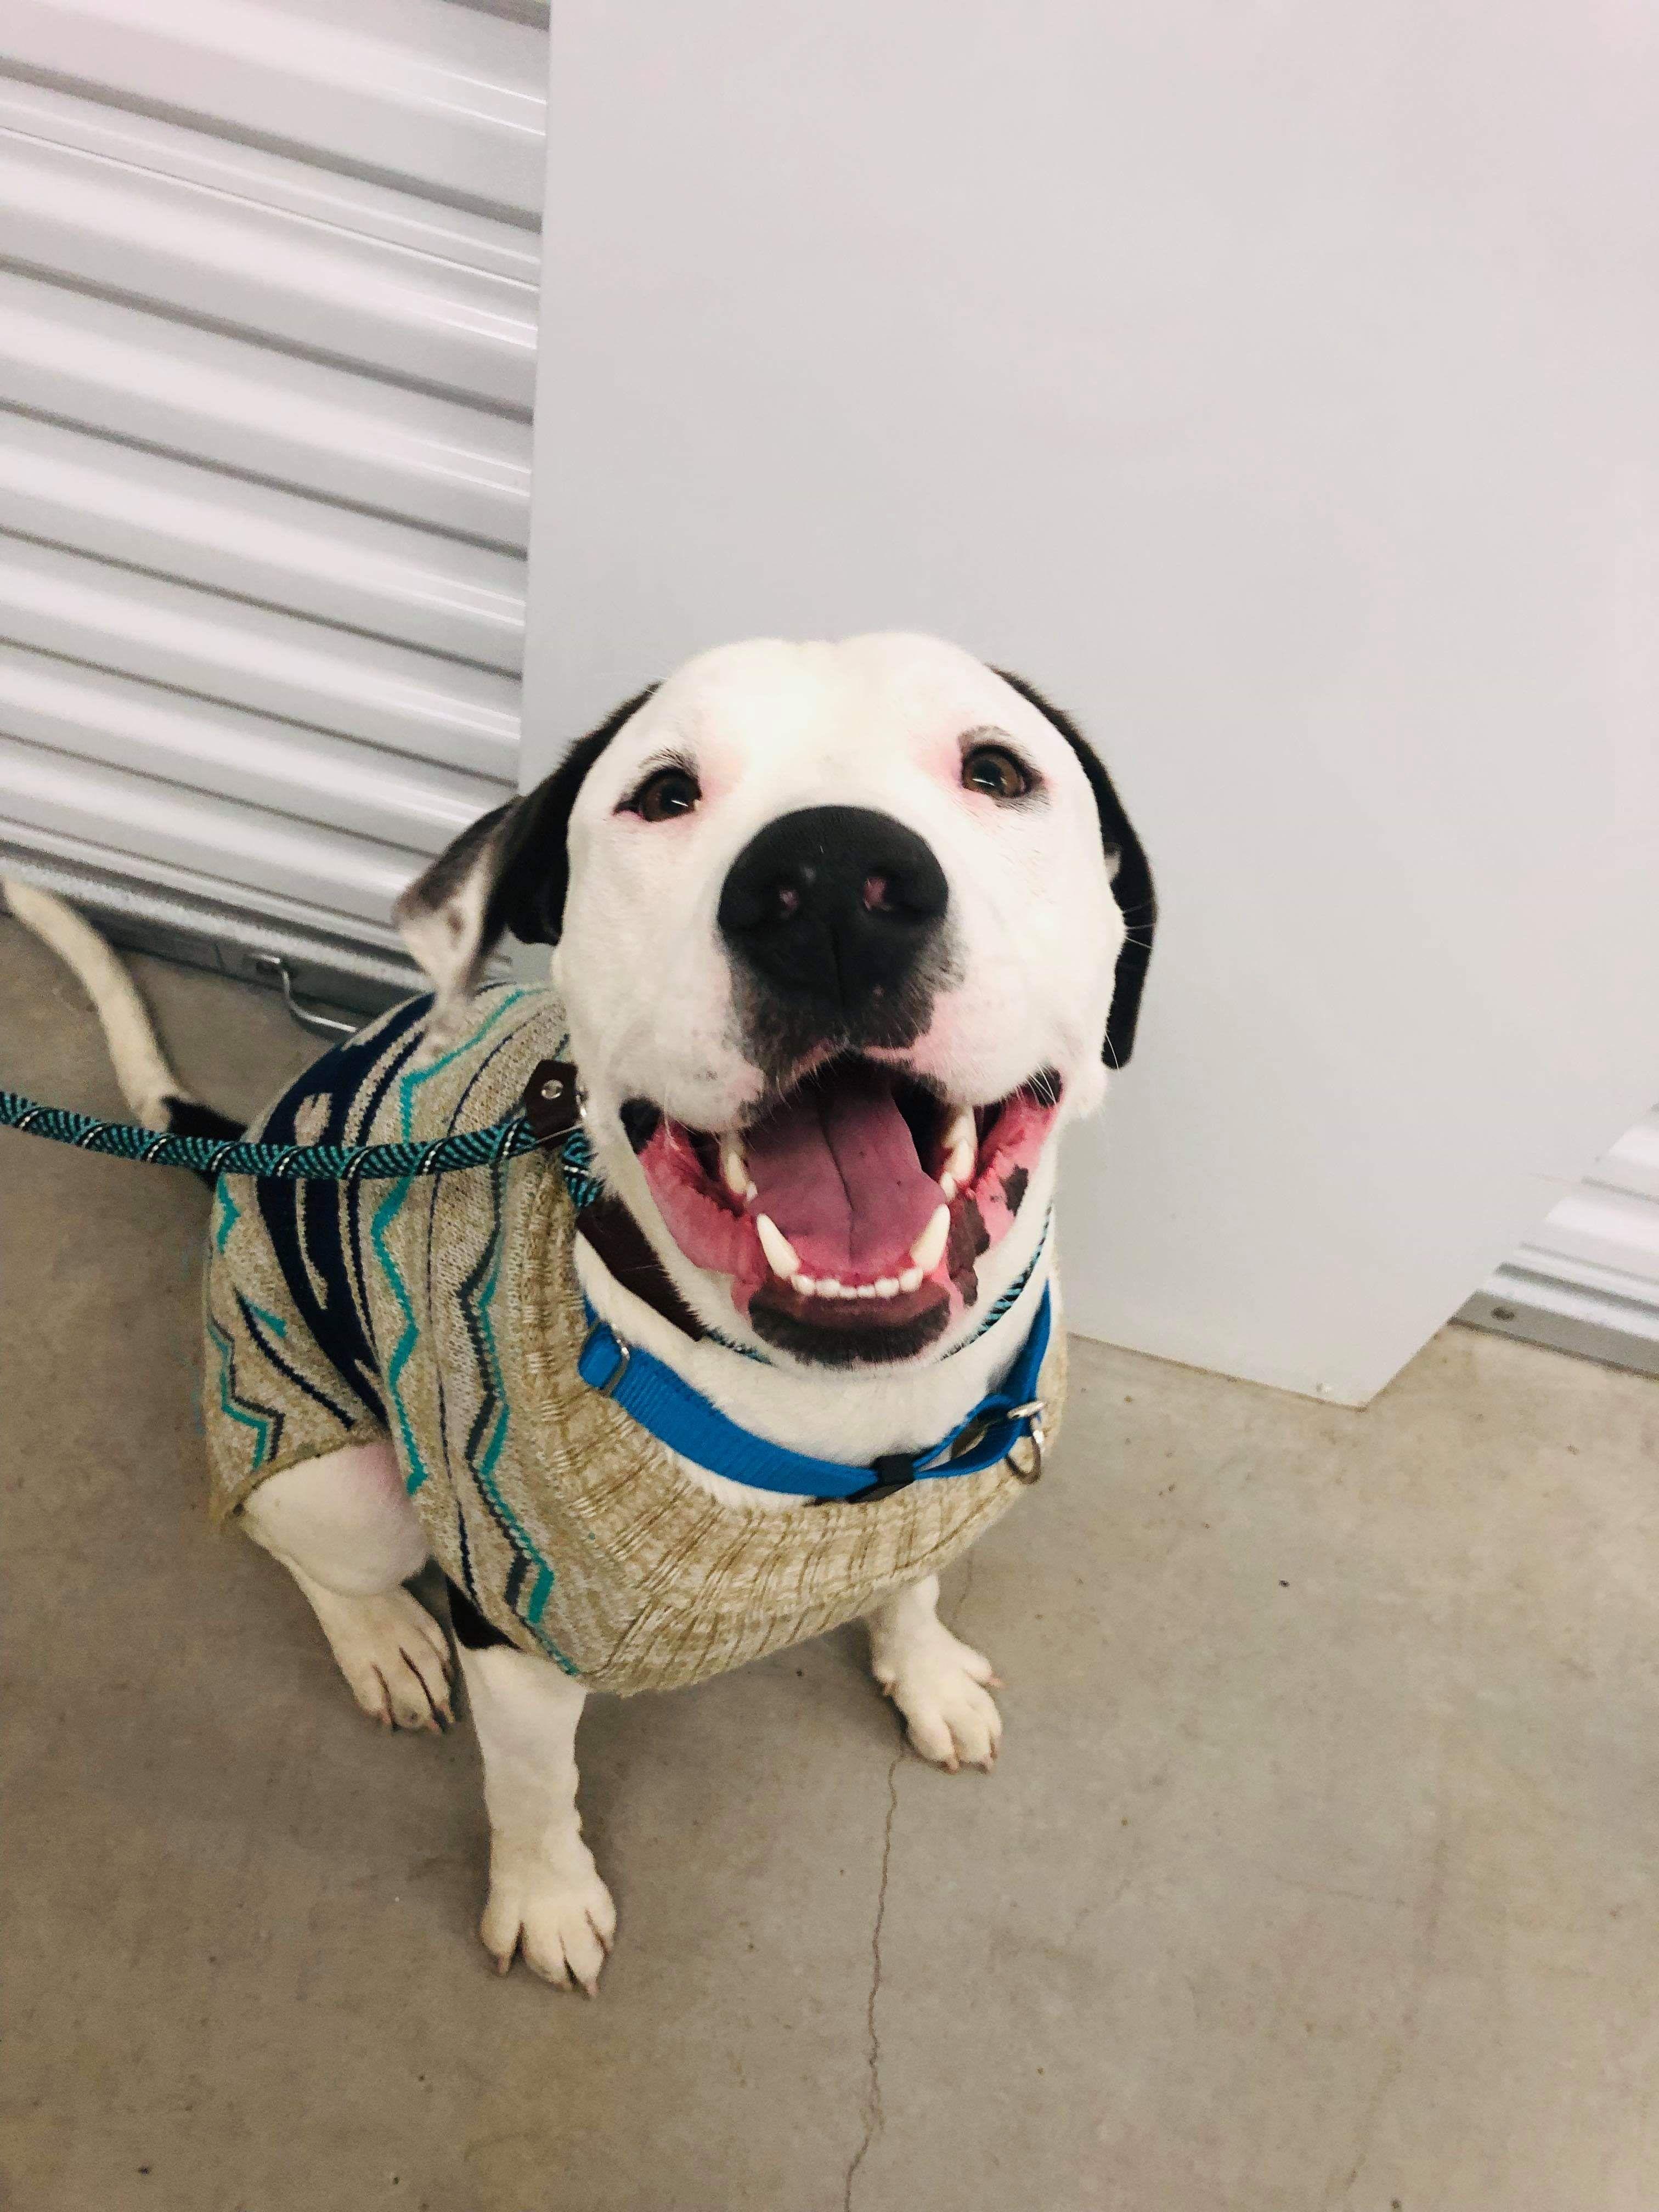 Sheprador dog for Adoption in Houston, TX. ADN558301 on